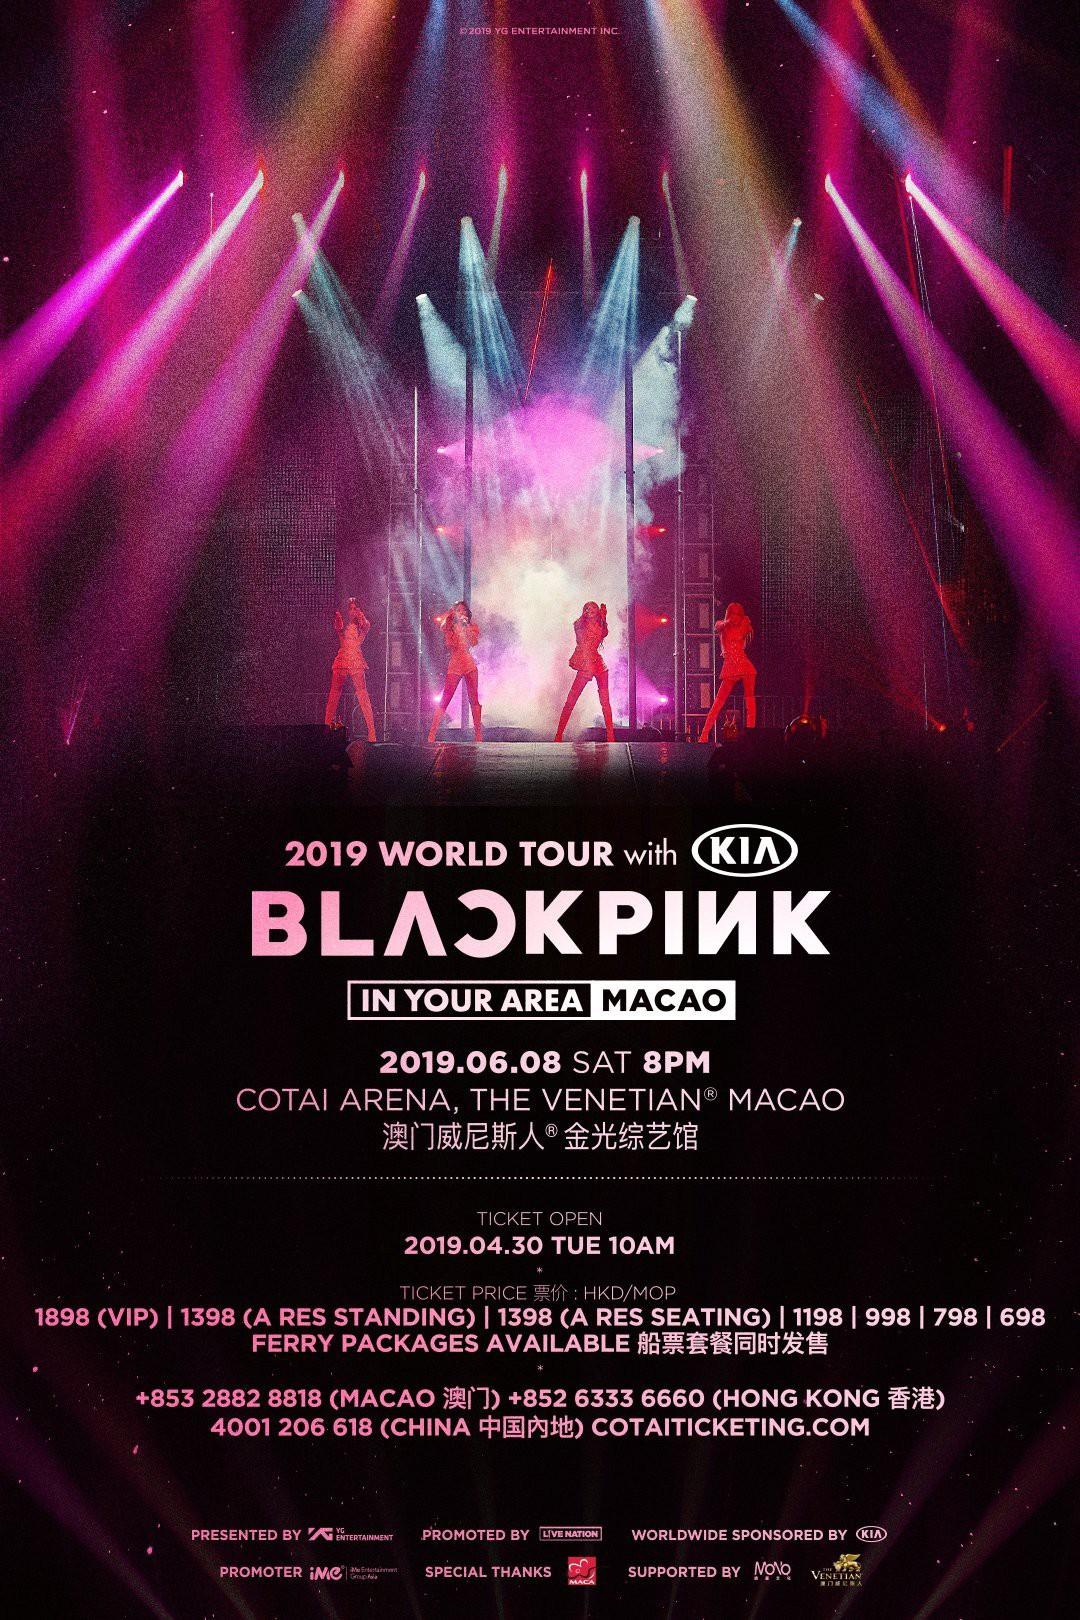 Jennie gặp tình trạng khó thở, bỏ diễn nửa chừng trong concert BLACKPINK, fan yêu cầu YG lên tiếng - Ảnh 1.